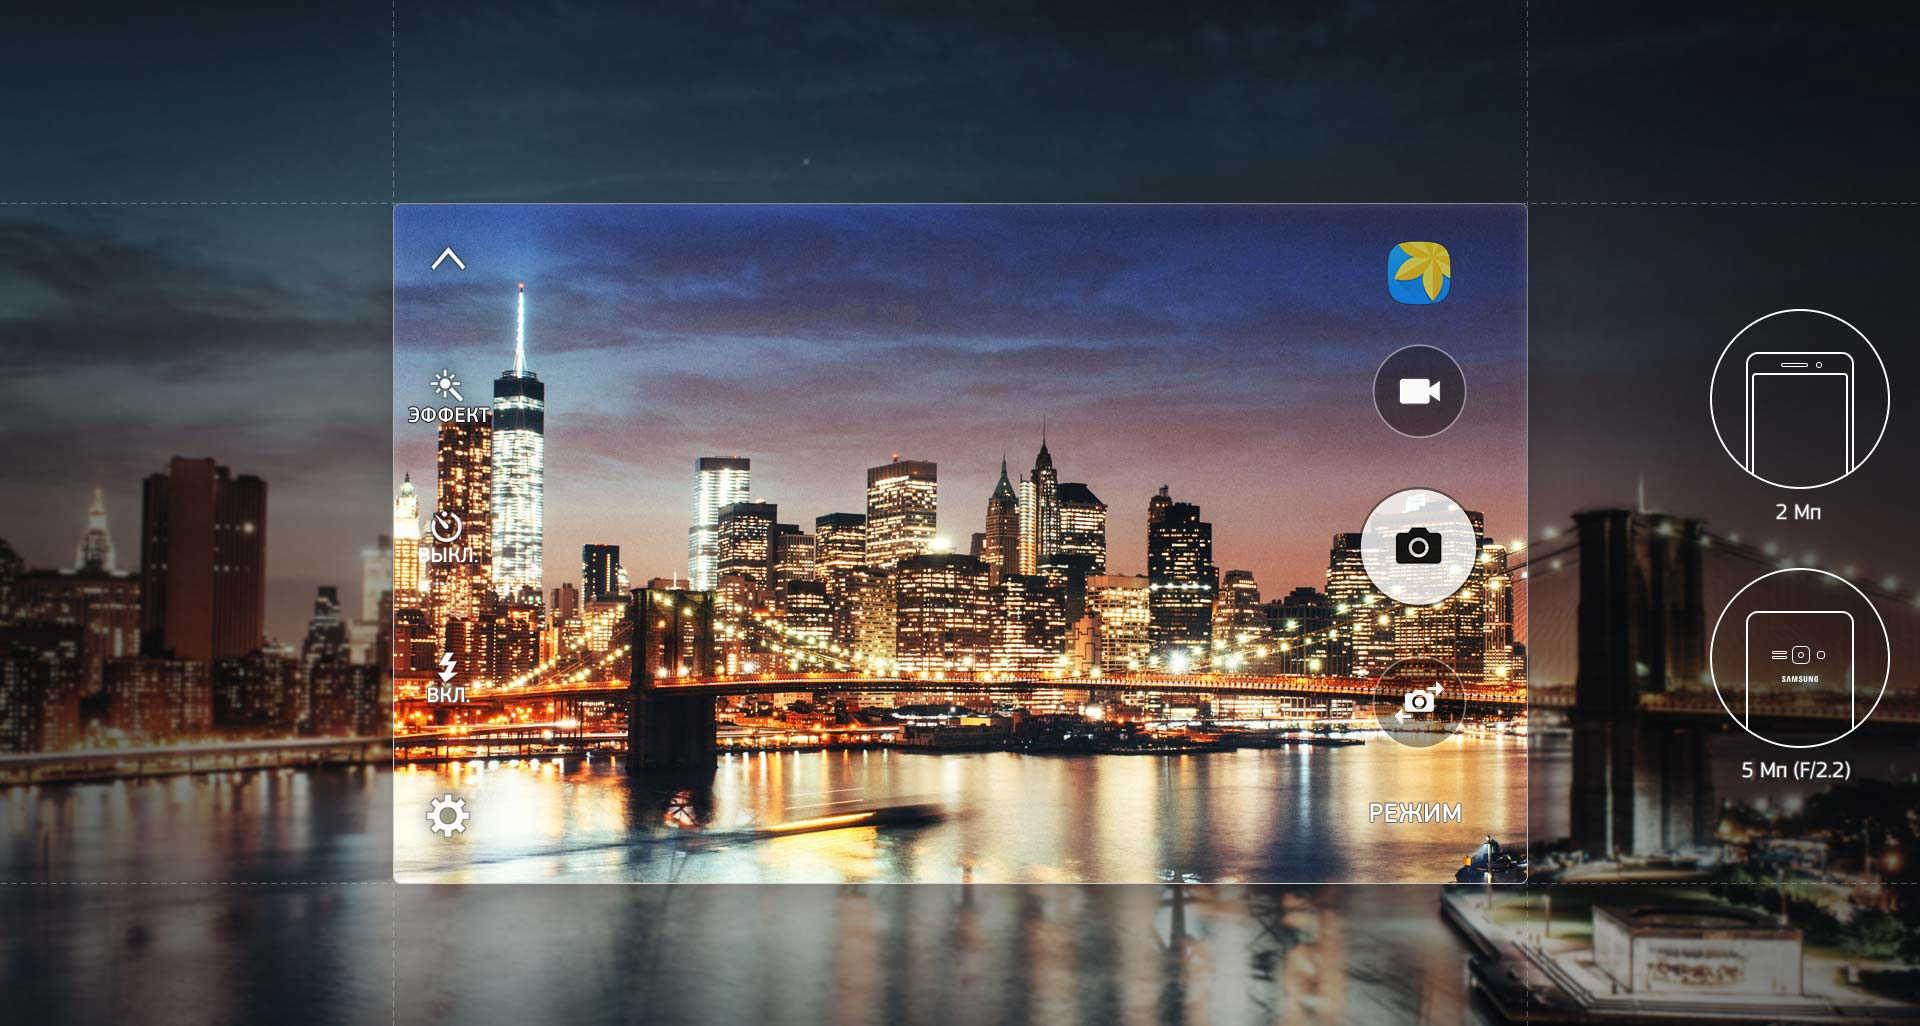 Samsung Galaxy J1 6 prix maroc, jumia maroc